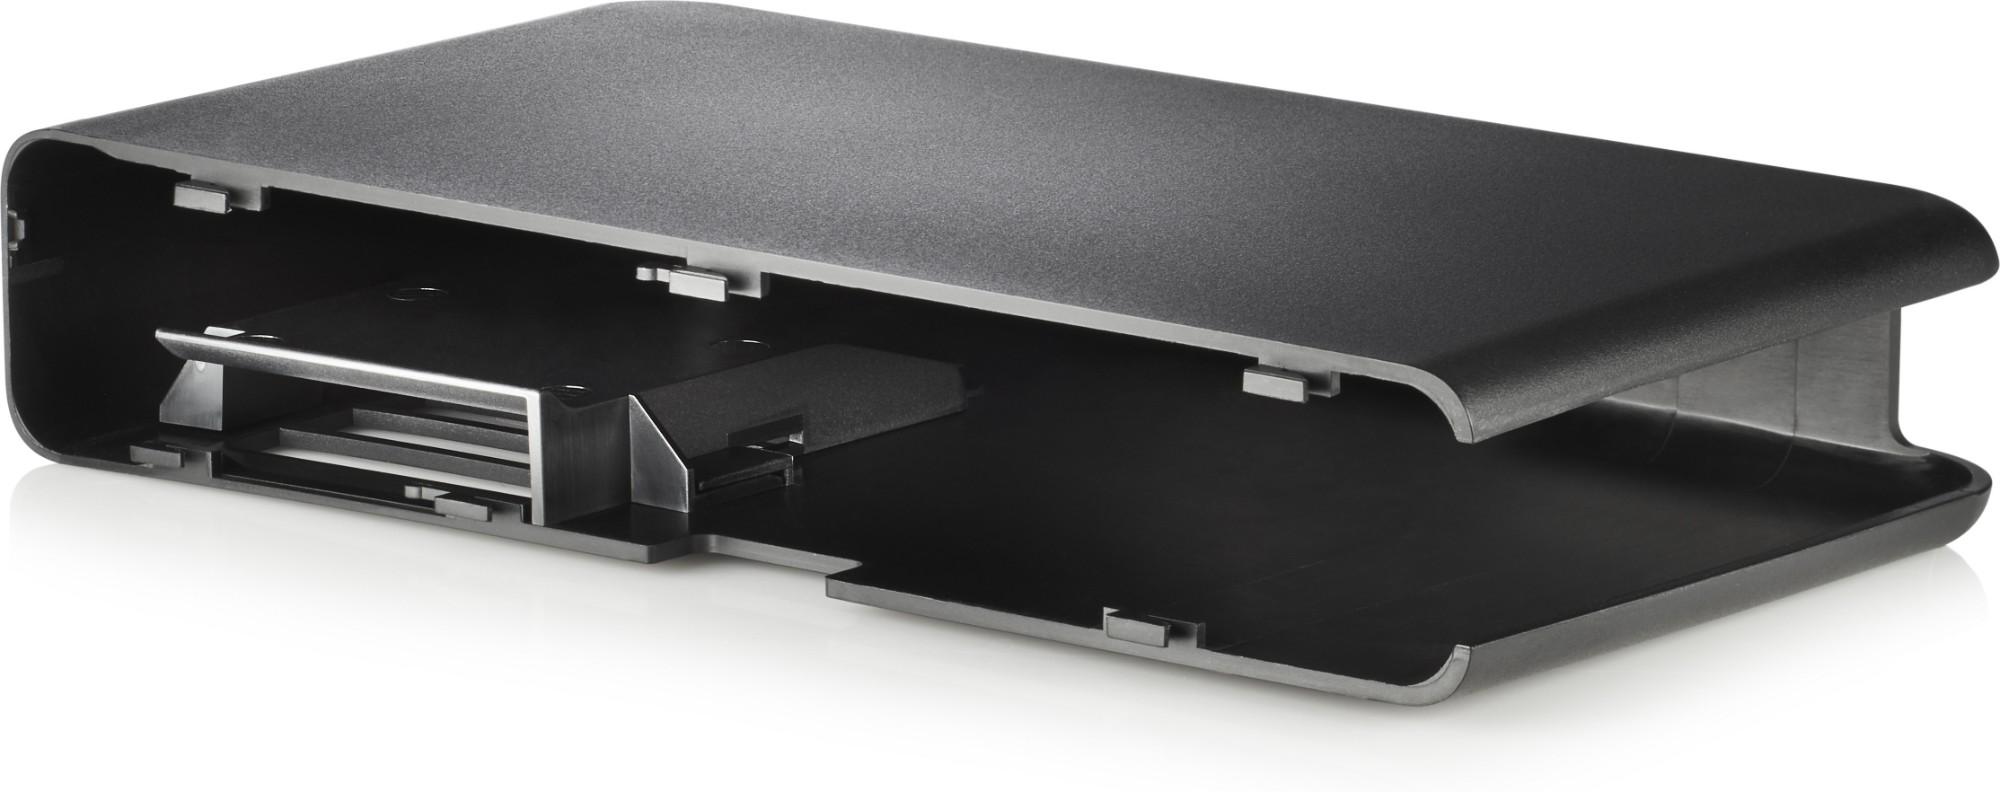 HP Desktop Mini G3 Port Cover Kit 1ZE52AA